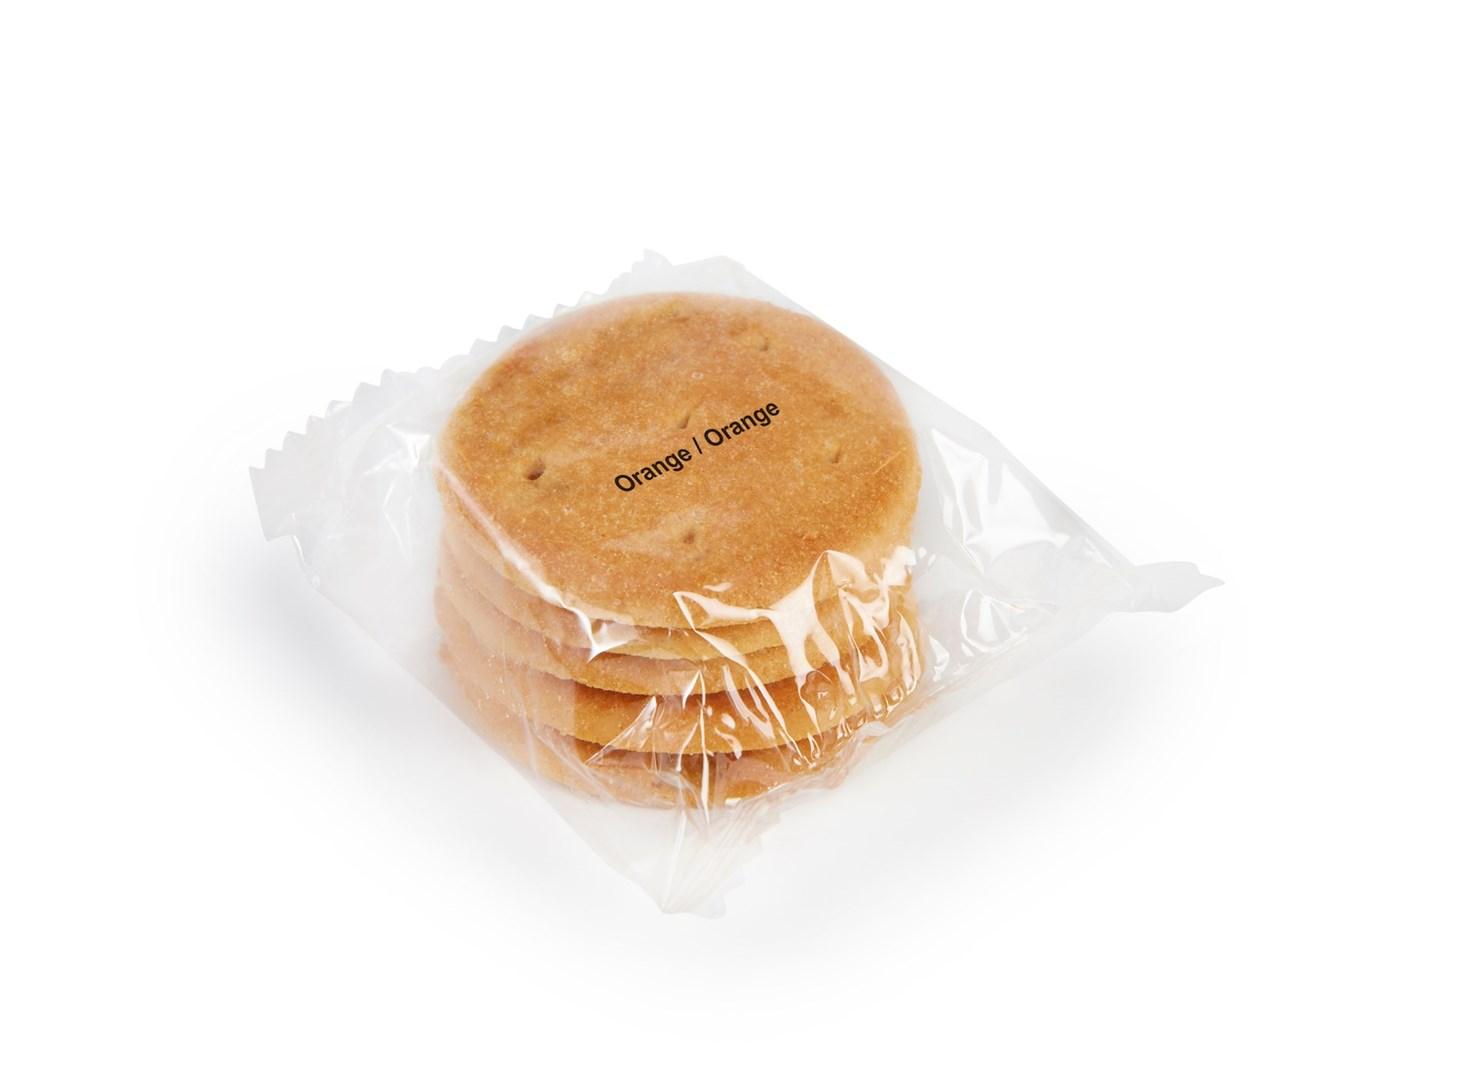 Productafbeelding Nutrisis Biscuits sinaasappel sachet